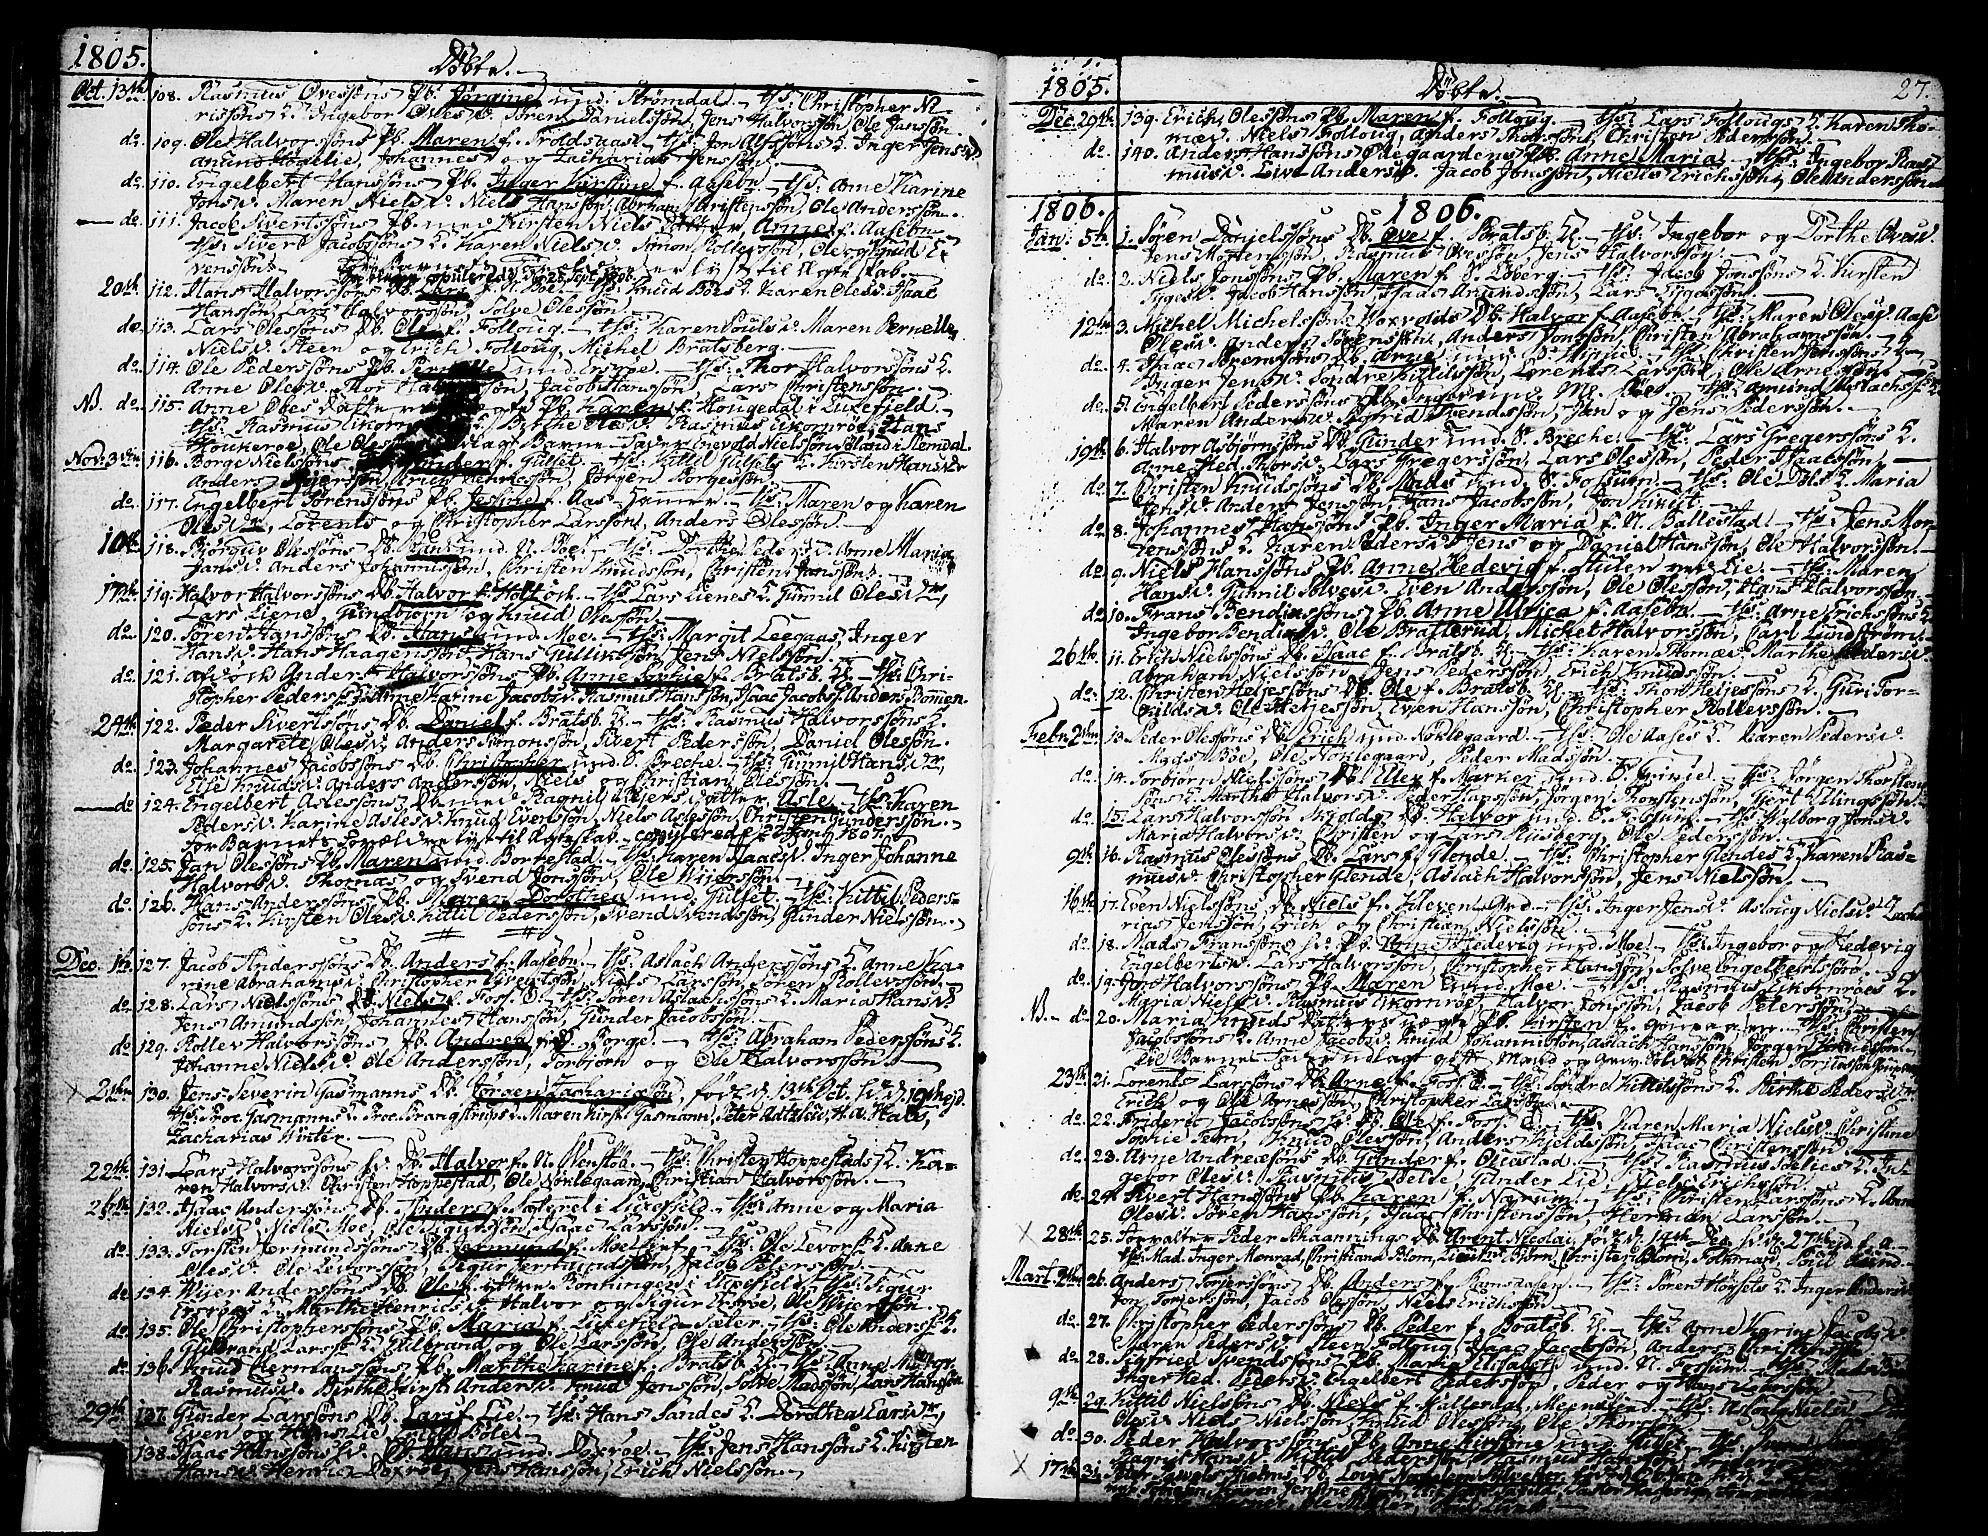 SAKO, Gjerpen kirkebøker, F/Fa/L0003: Ministerialbok nr. 3, 1796-1814, s. 27